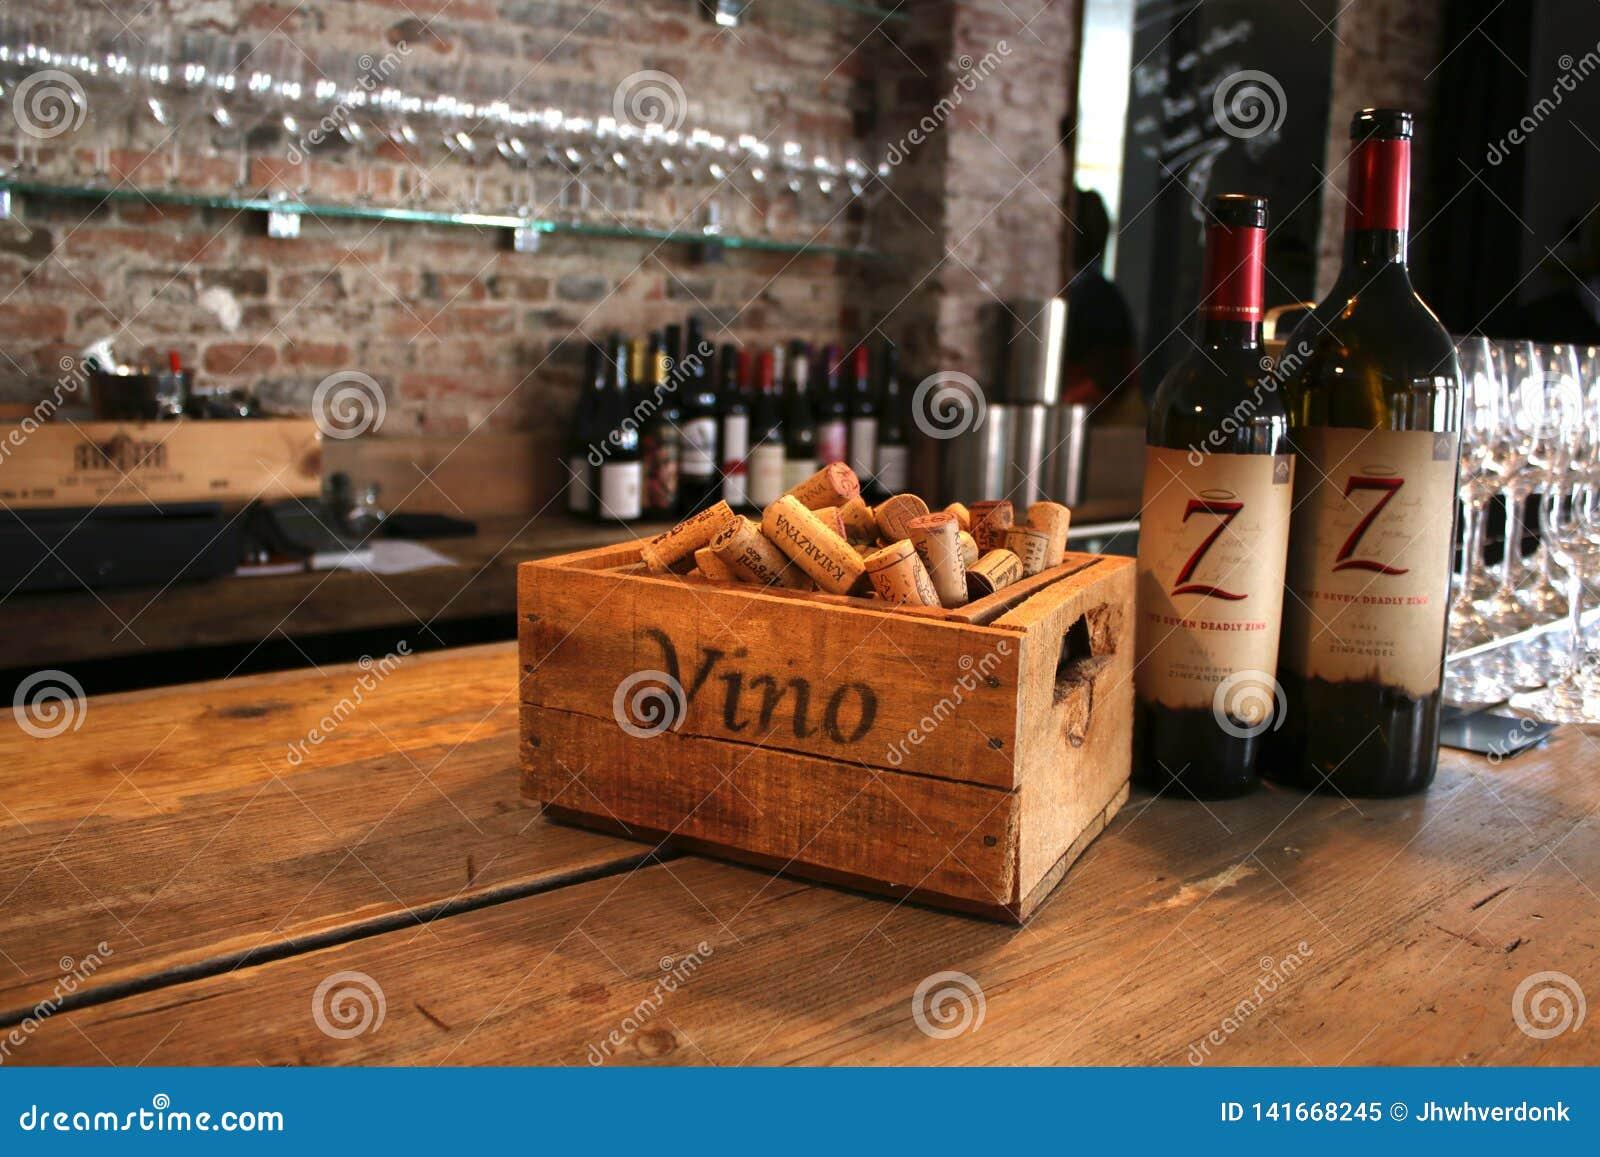 Utrecht, el Netherland, el 10 de marzo - 2019: Bar de vinos puesto con los corchos de madera y dos botellas de vino